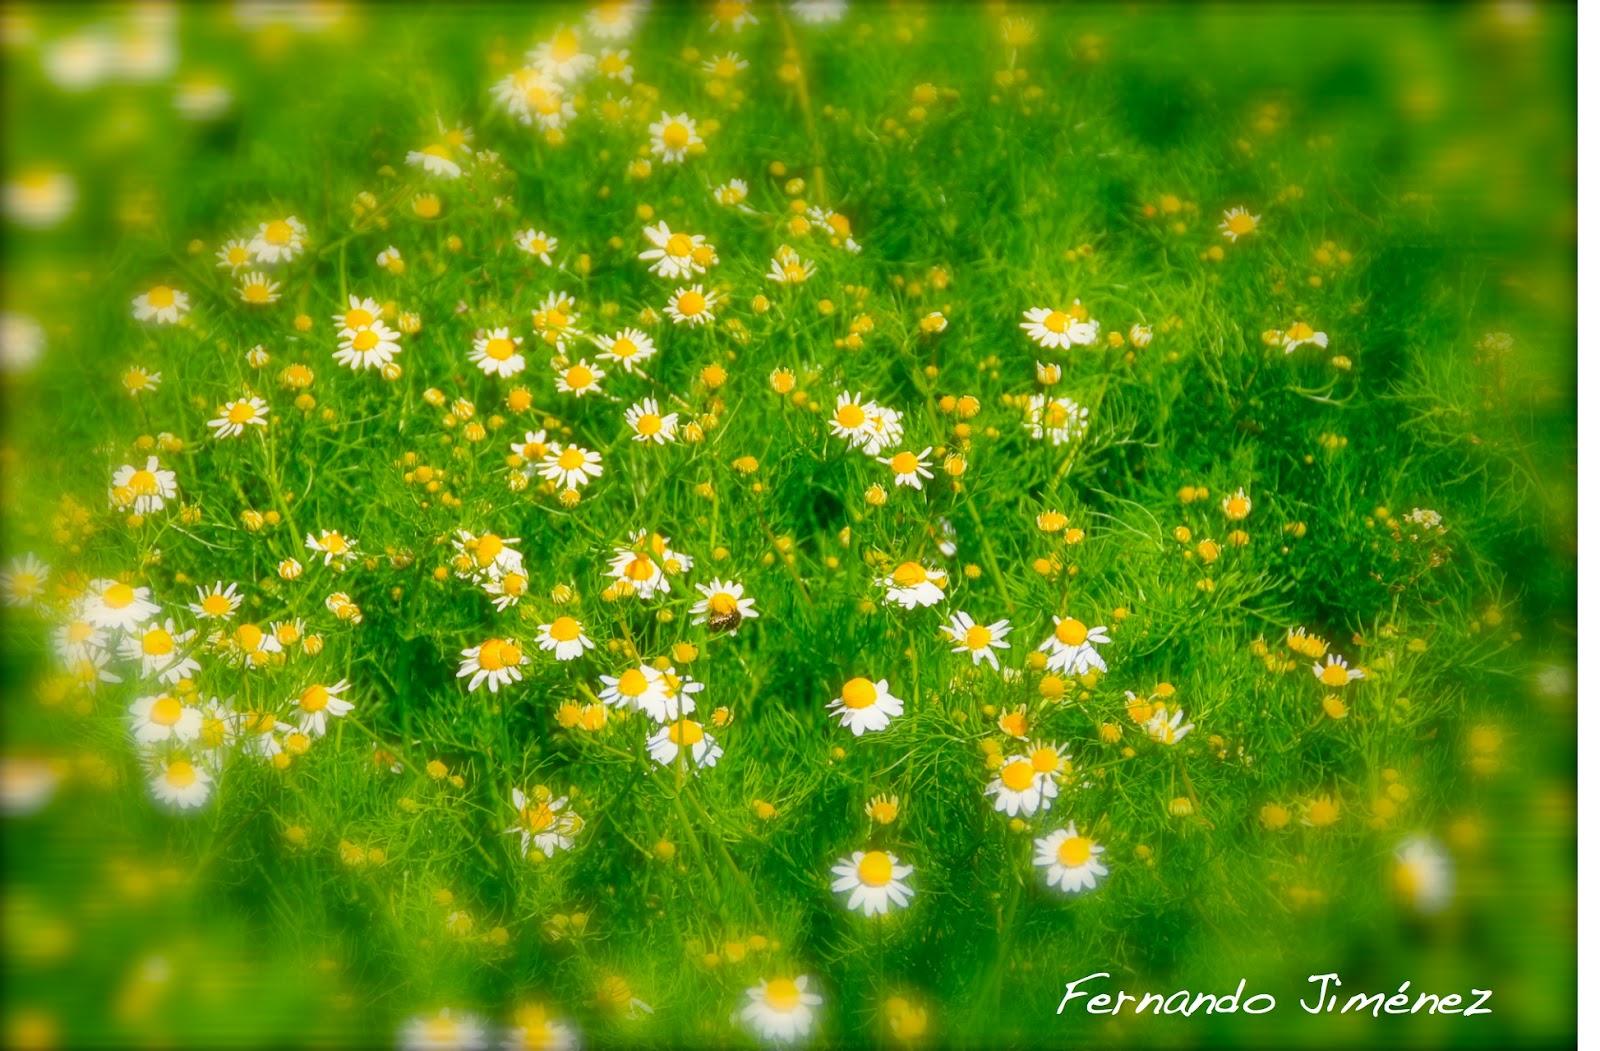 IMAGEN Y PALABRA: Unas flores amarillas